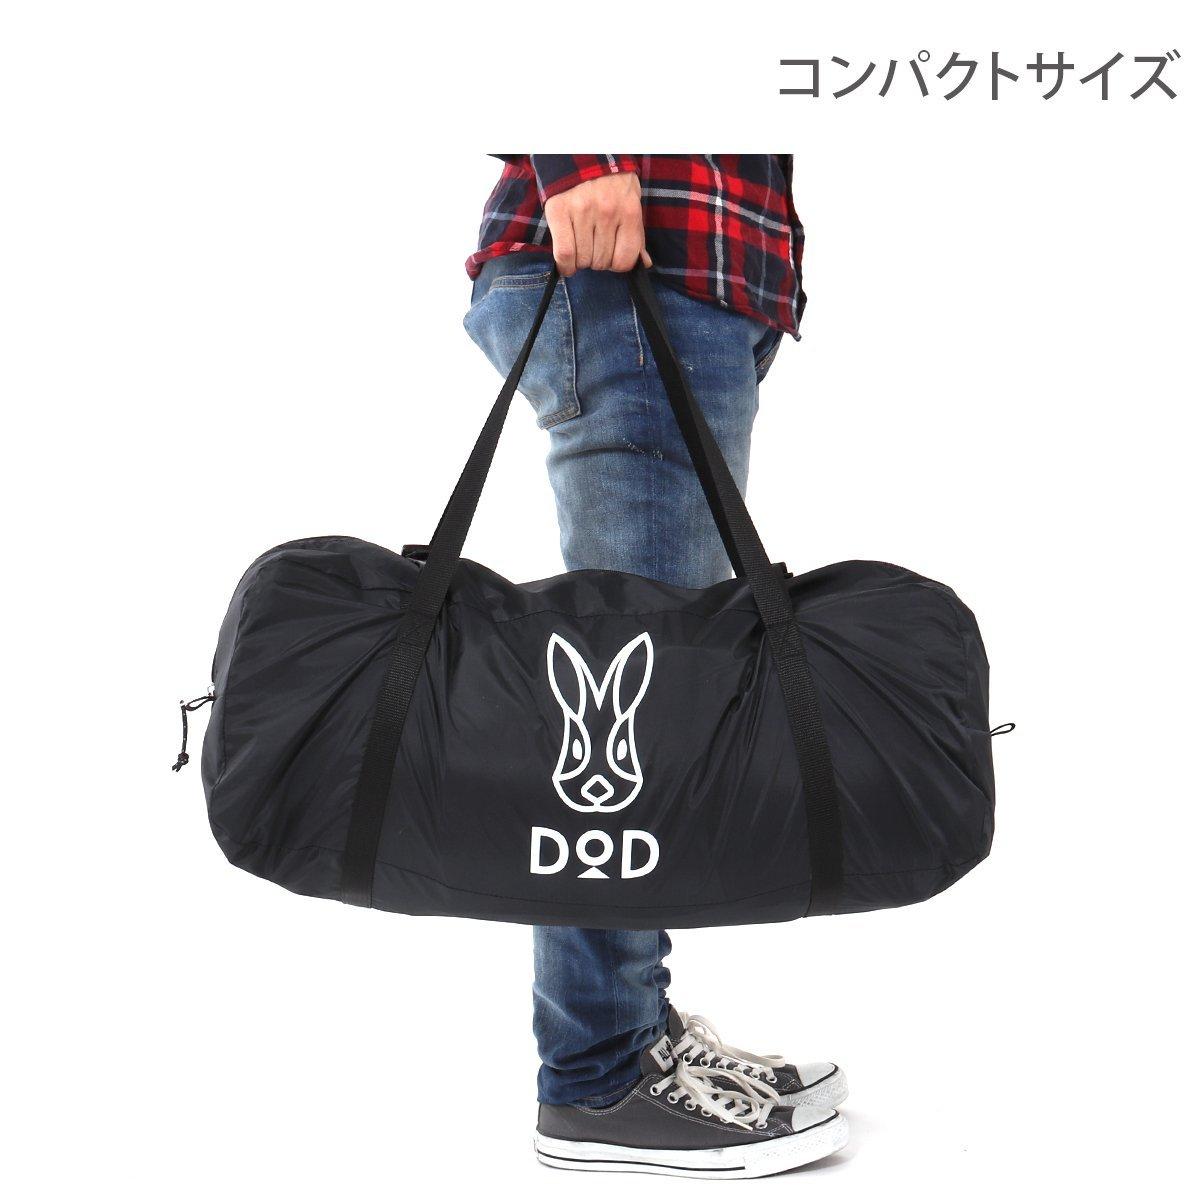 日本 DOPPELGANGER  / DOD 營舞者印地安八人帳 /  露營帳篷 / T8-200。1色-日本必買 日本樂天代購(25920*11)。件件免運 7